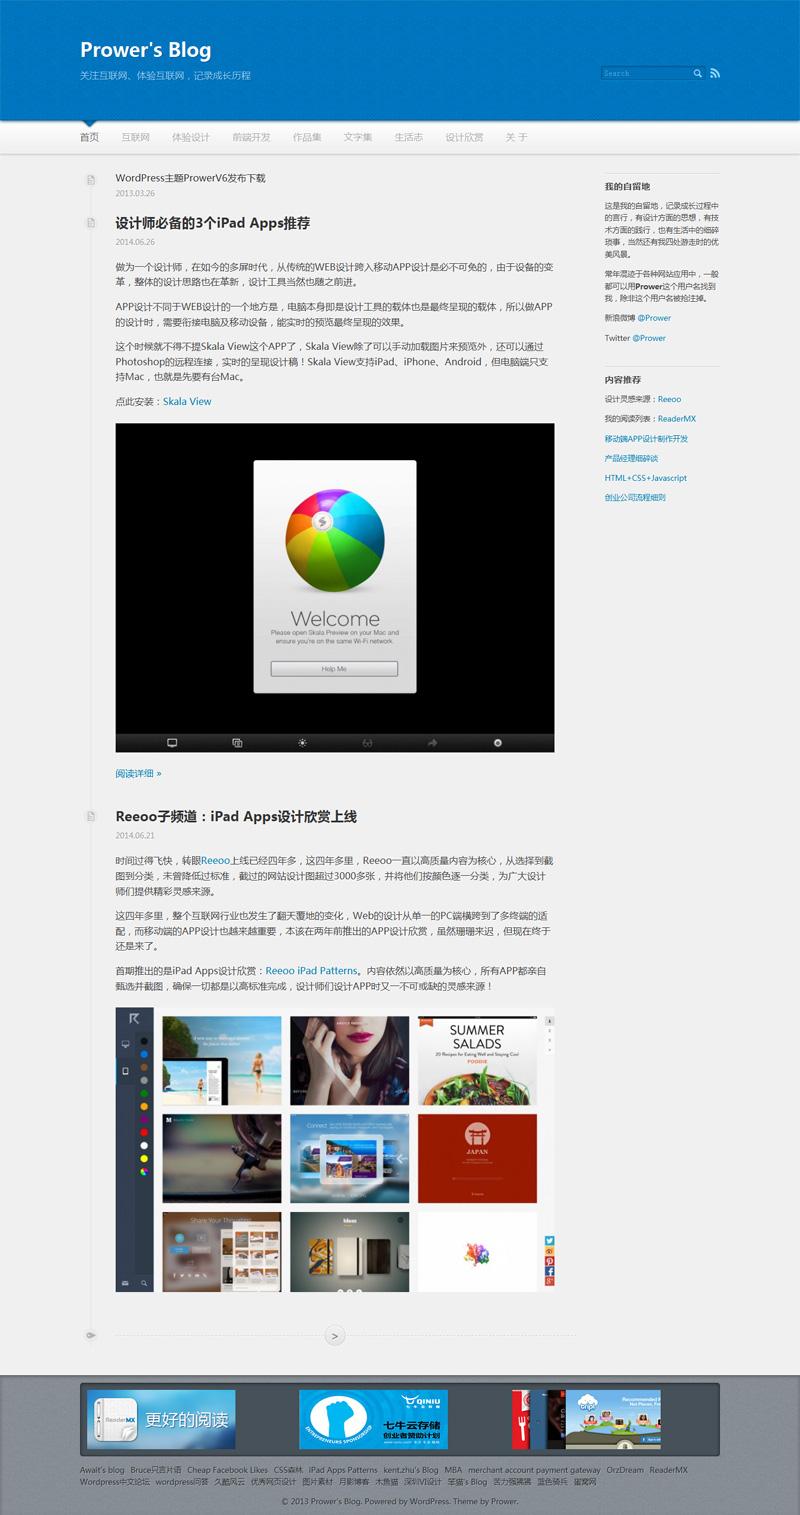 蓝白色自适应WordPress博客主题ProwerV6